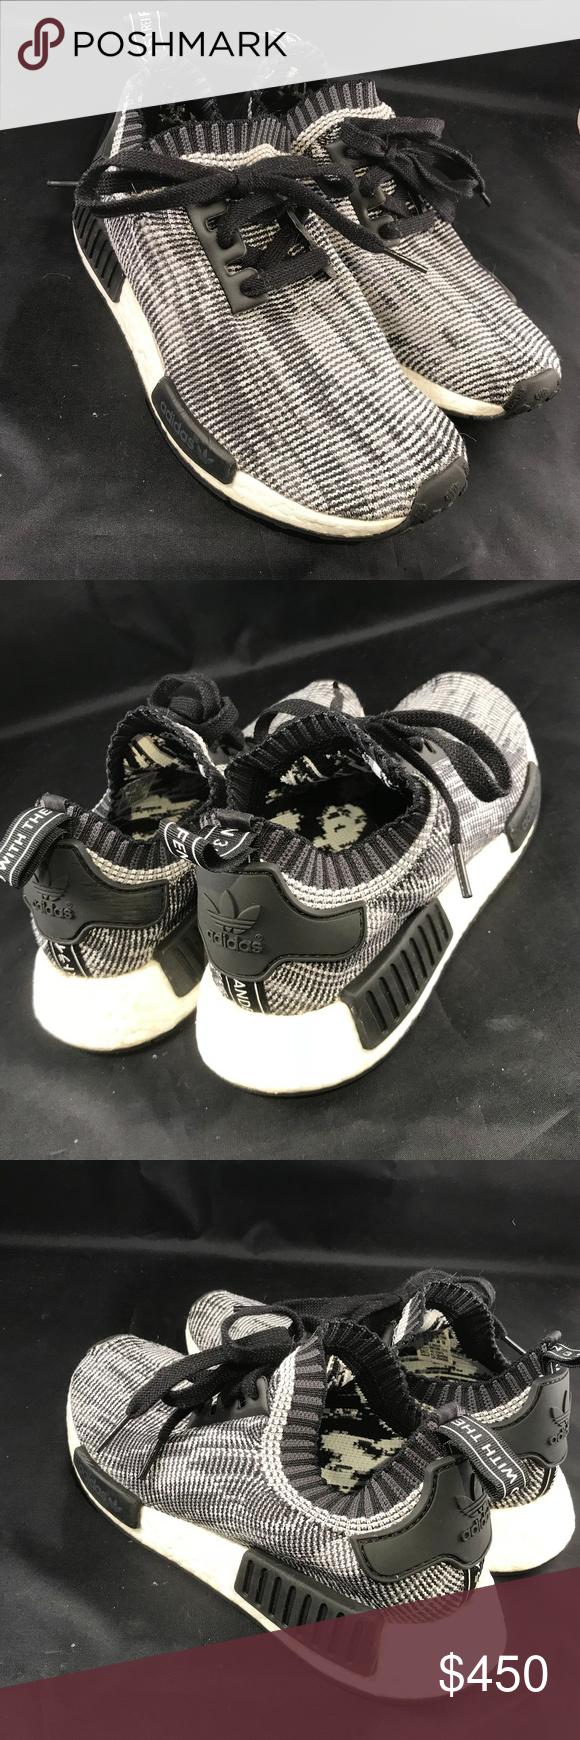 a5b500fafa5fe Adidas NMD Runner PK Glitch Camo Black White Nomad Adidas NMD Runner PK  Glitch Camo Black White Nomad s79478 Great condition! Mens 6 womens 7.5  ADIDAS Shoes ...